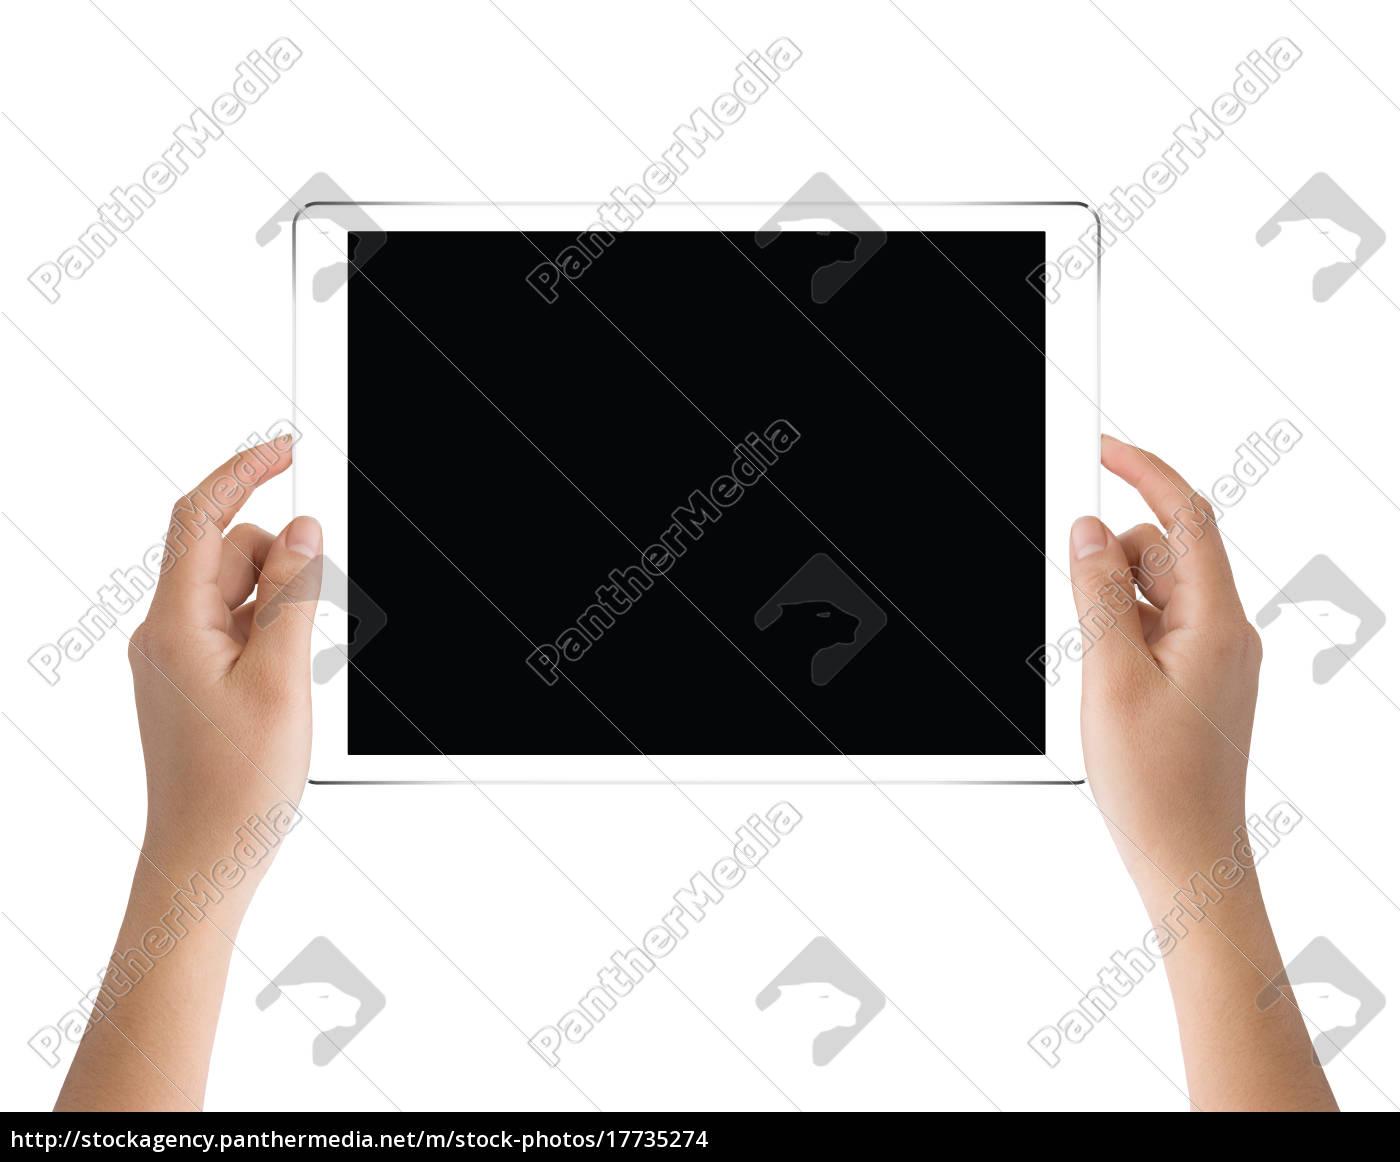 hånd, holder, sort, tablet, isoleret, på - 17735274